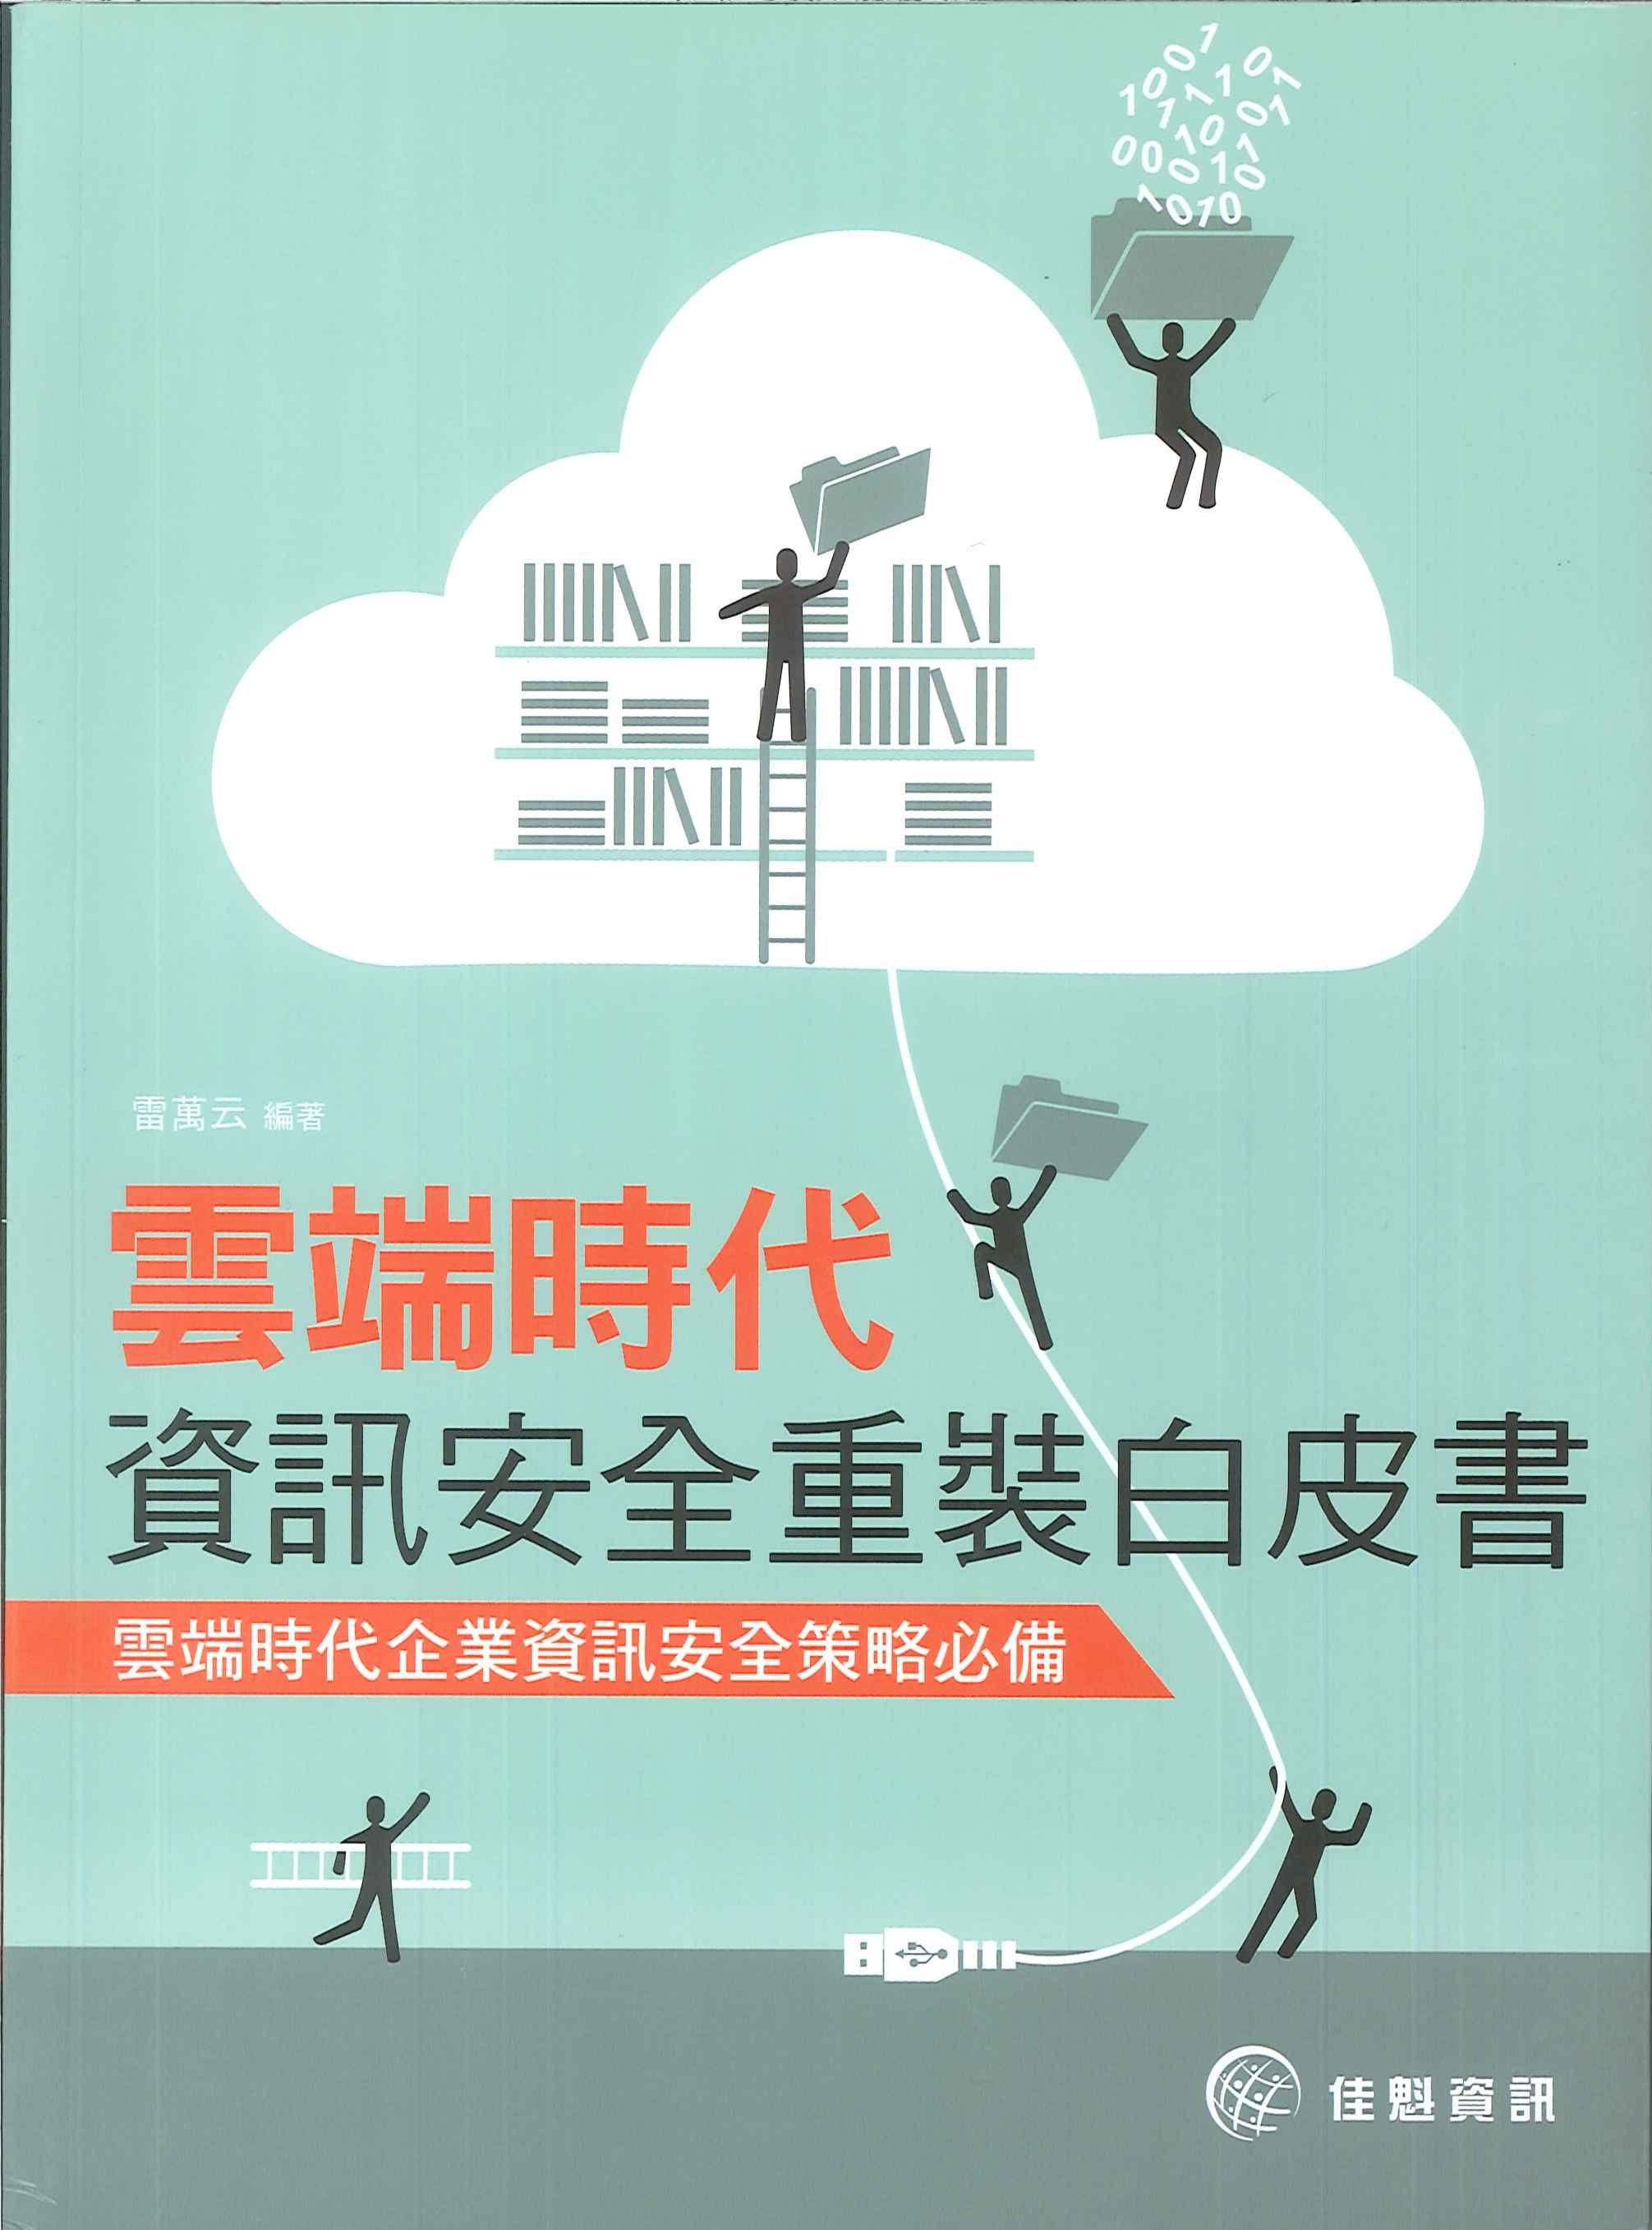 雲端時代資訊安全重裝白皮書:雲端時代企業資訊安全策略必備